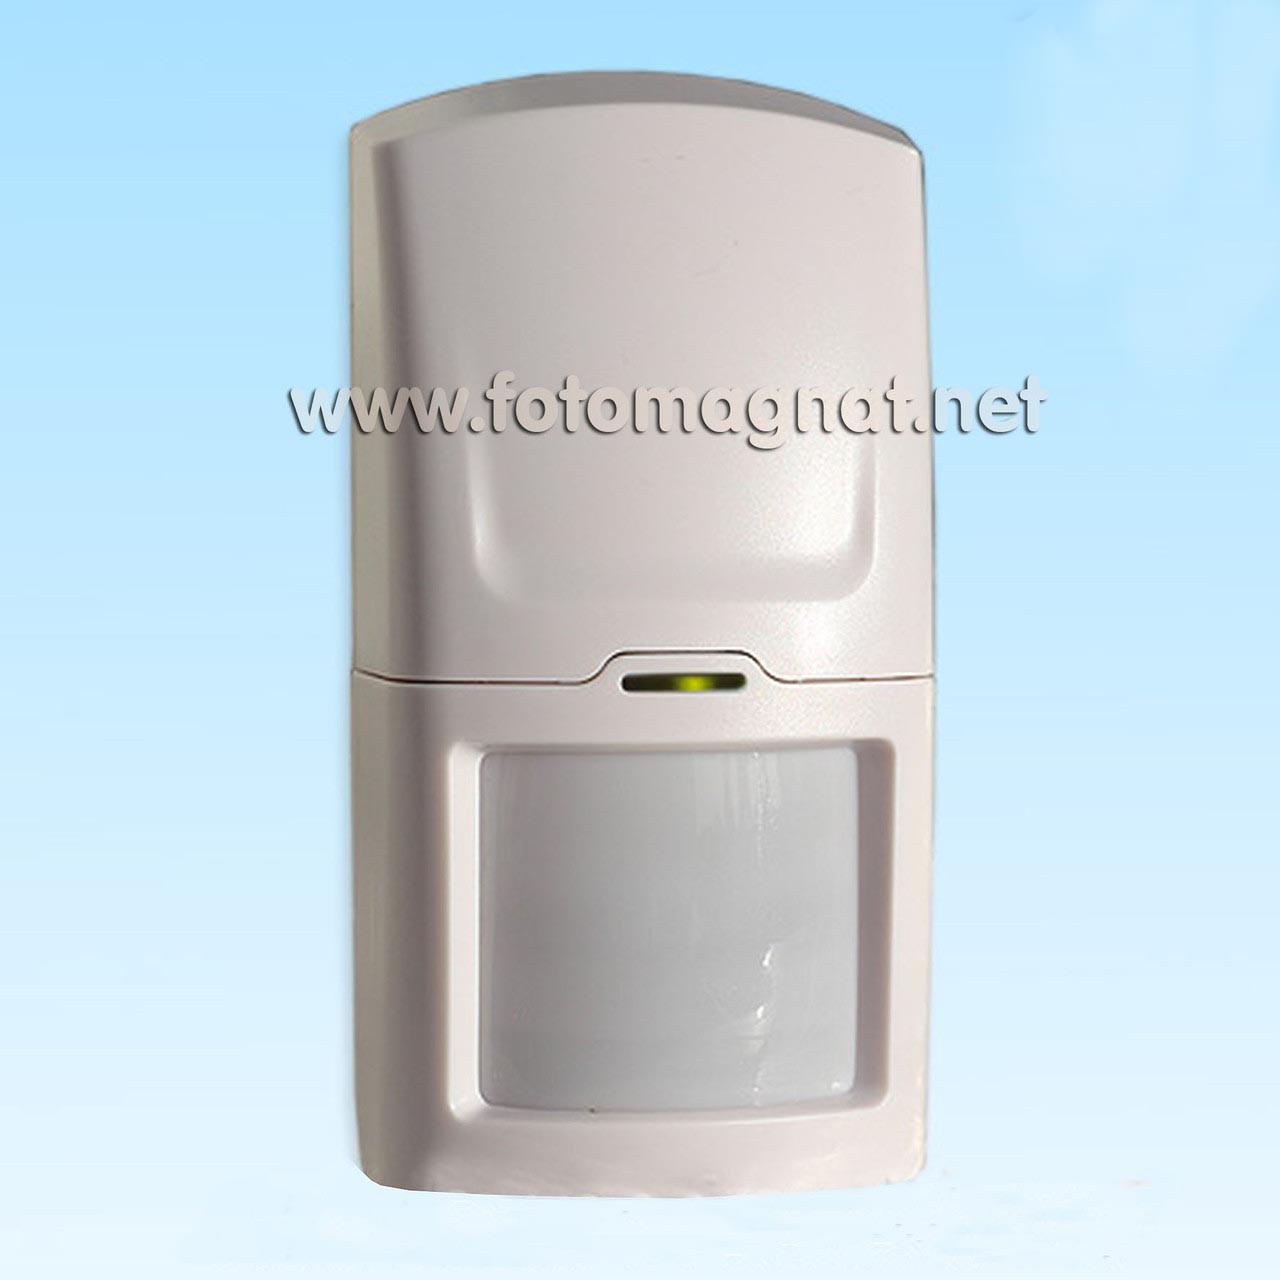 Беспроводной датчик движения - HW03D (датчик охраны)